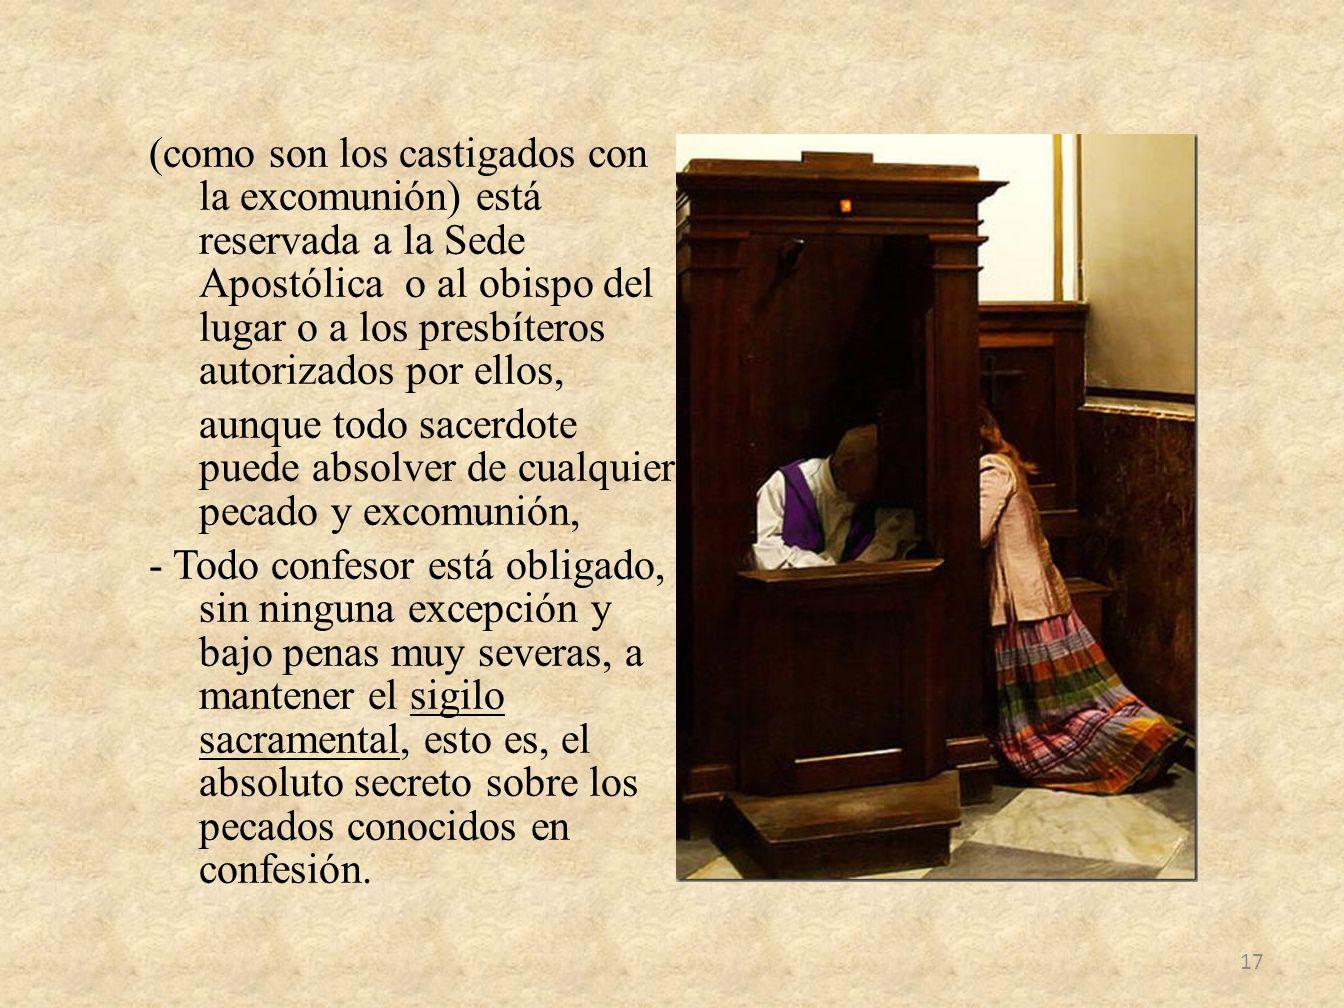 (como son los castigados con la excomunión) está reservada a la Sede Apostólica o al obispo del lugar o a los presbíteros autorizados por ellos, aunqu